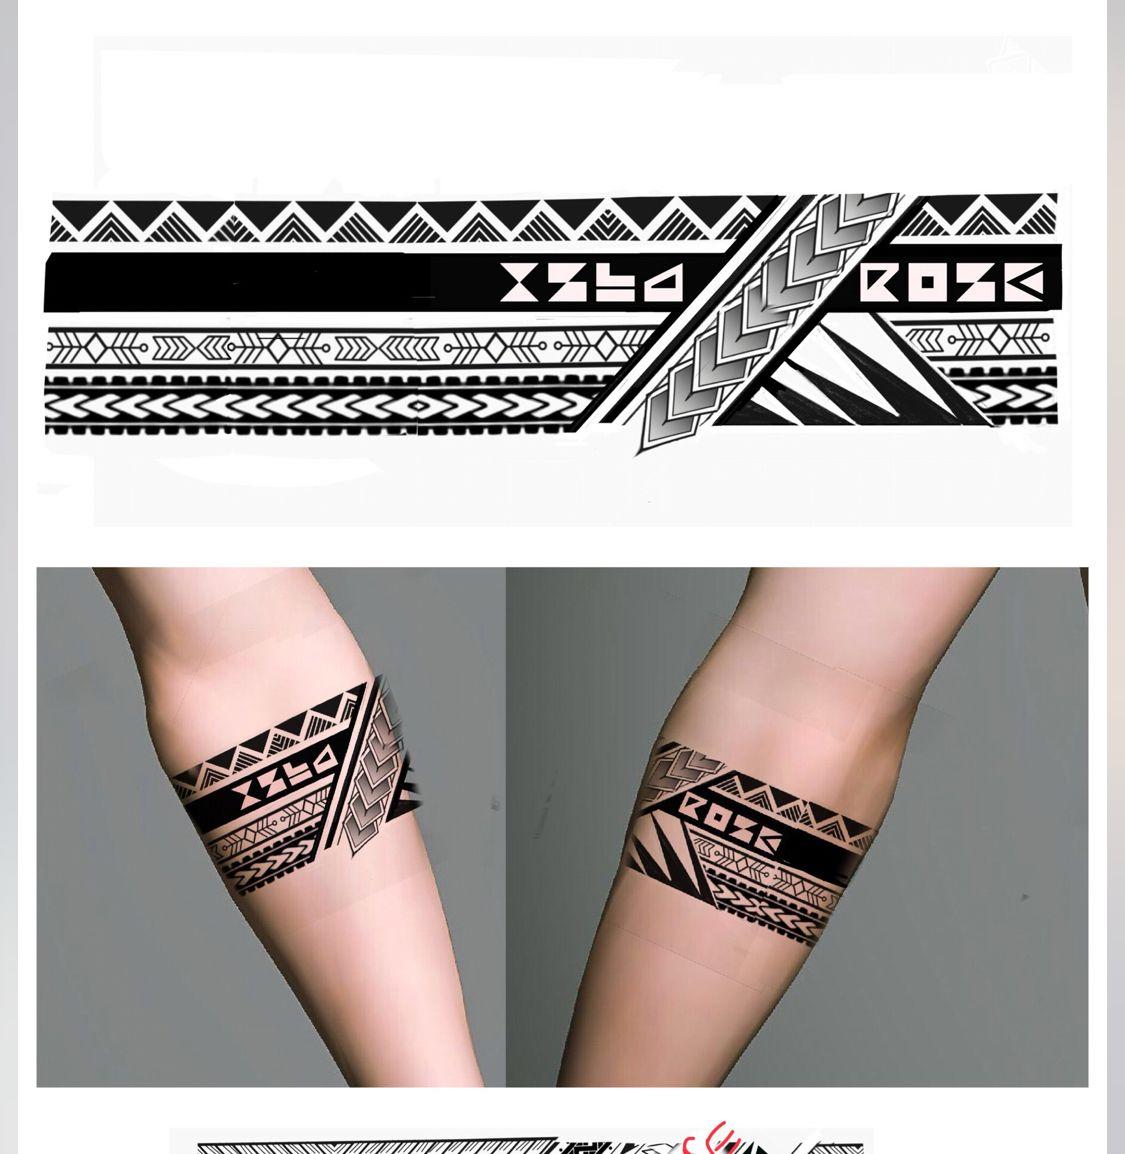 Tribal Geometric Armband Tattoo Designs Armband Tattoo Design Forearm Band Tattoos Tribal Armband Tattoo